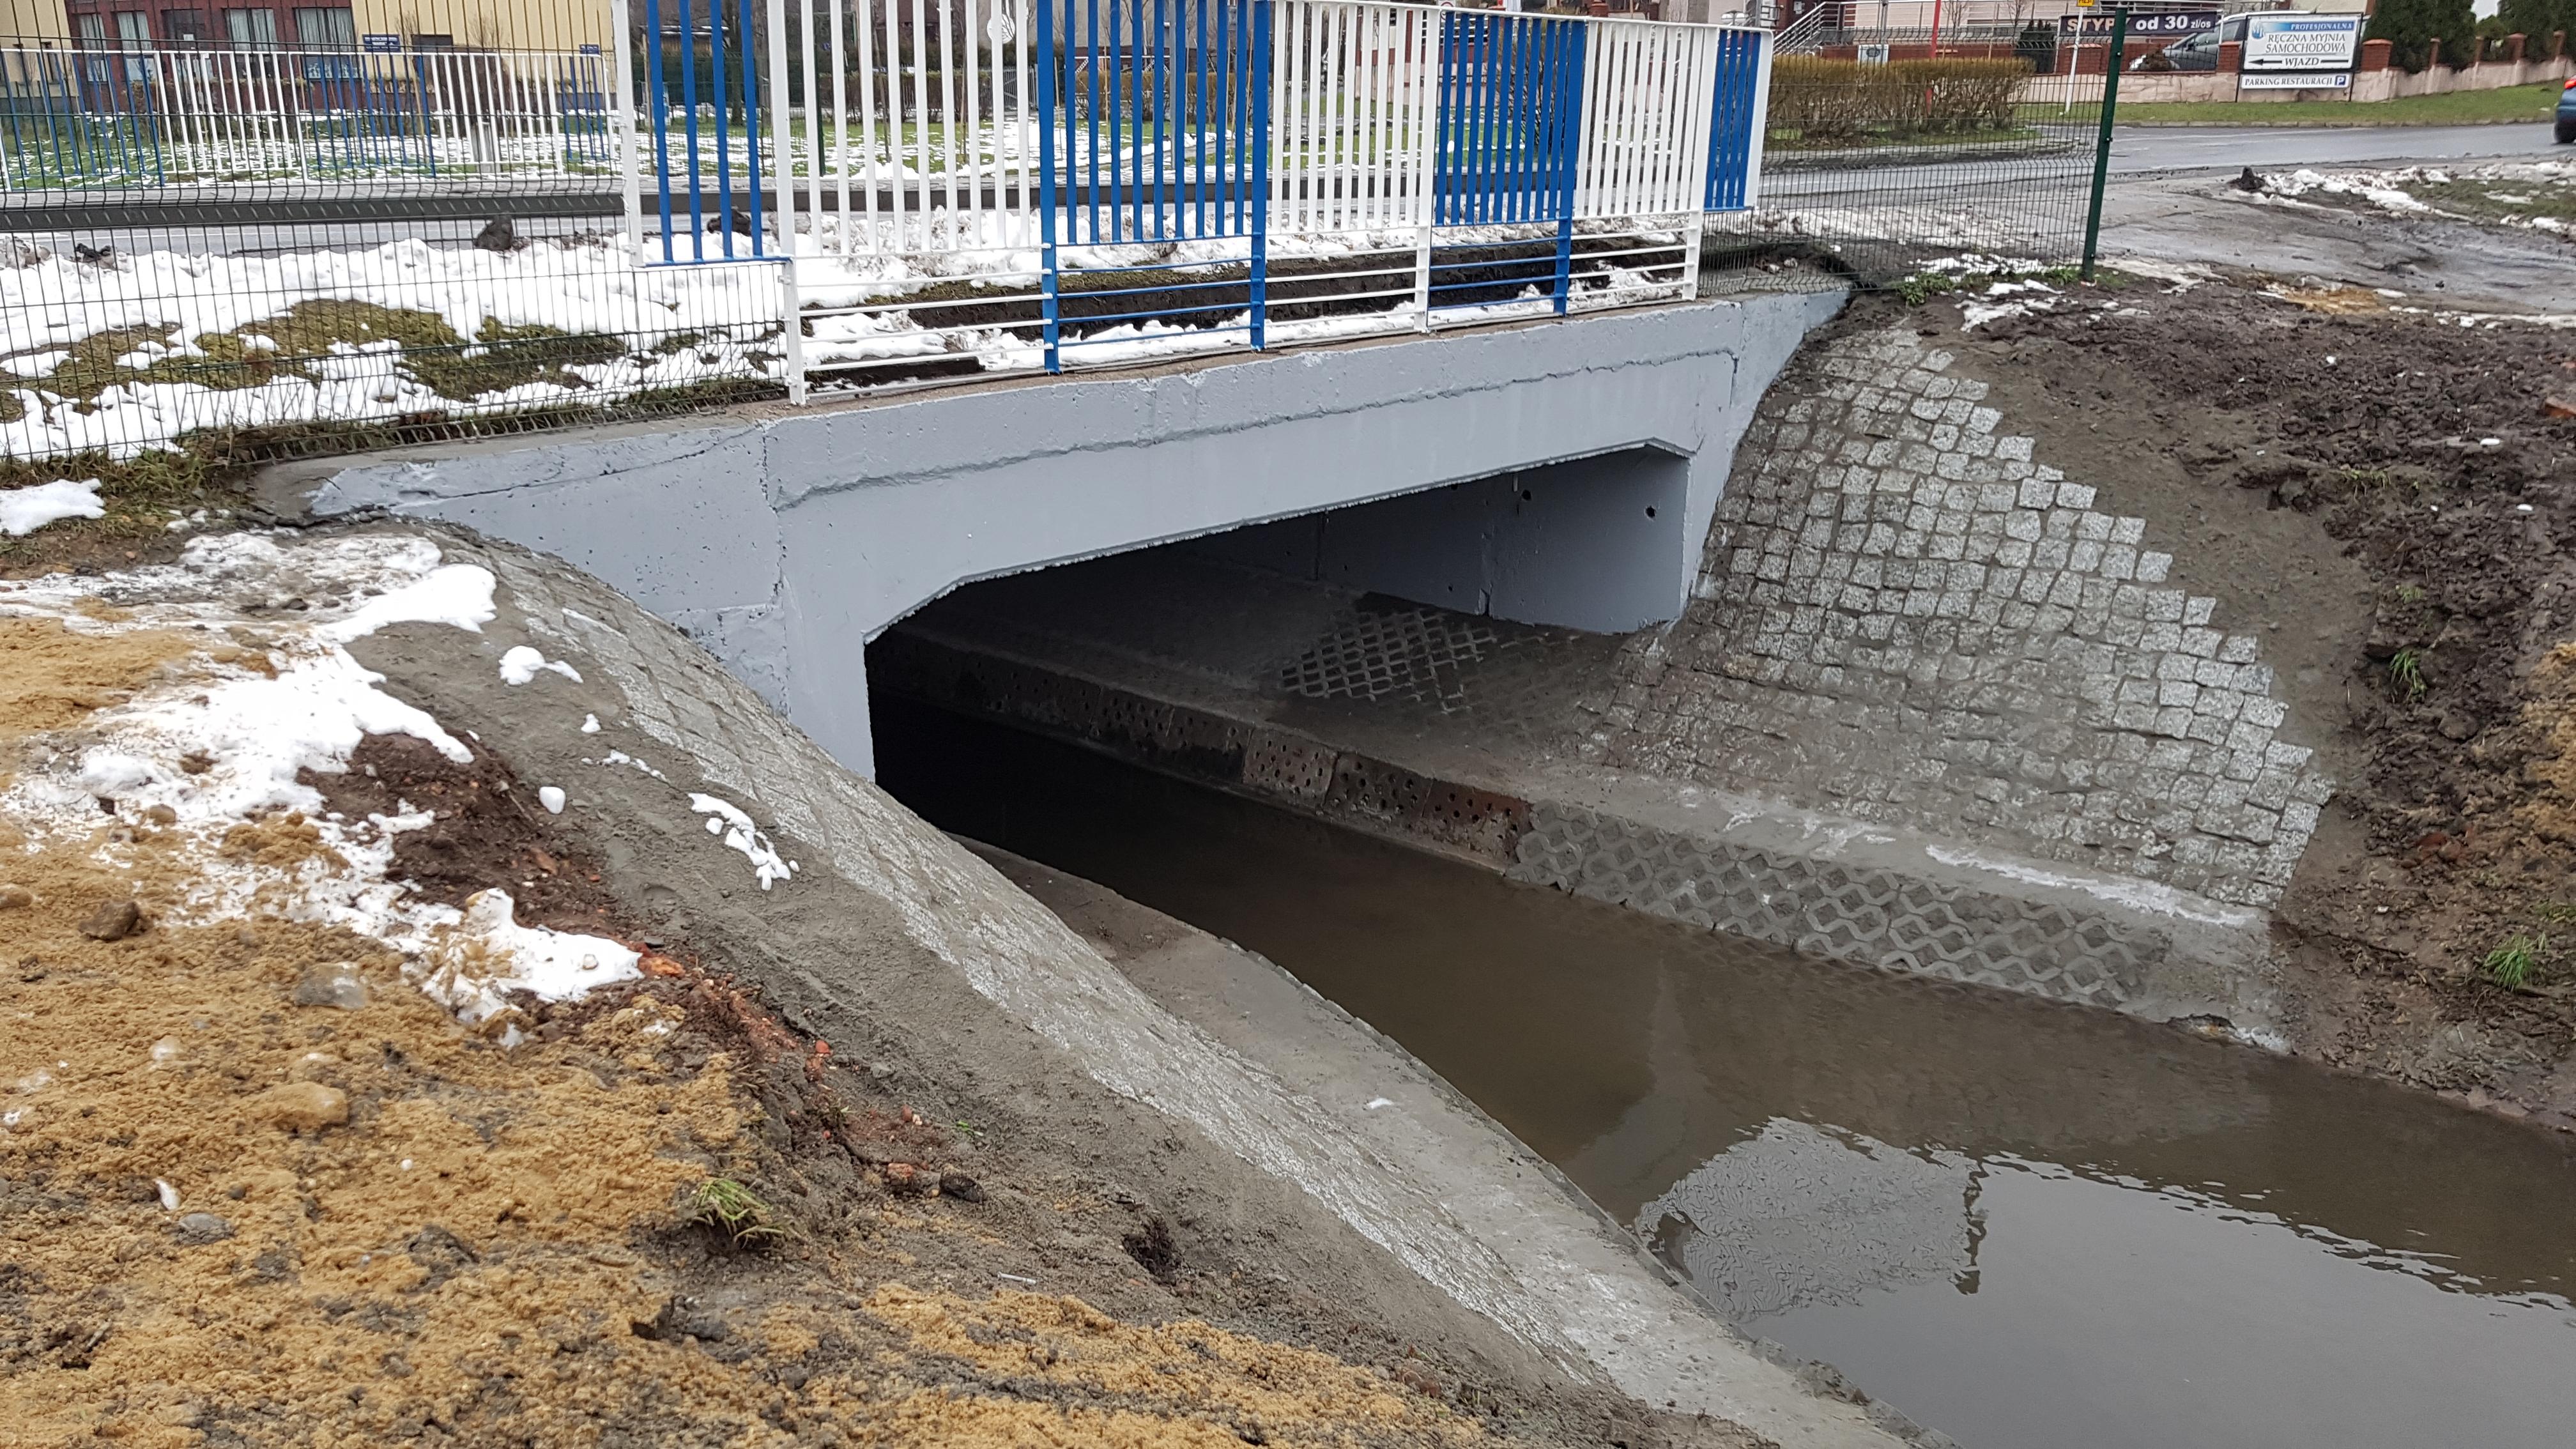 Remont bieżący przepustu ramowego na Potoku Jamna w ciągu ulicy Musioław Mikołowie  wraz z wykonaniem ekspertyzy płyty dennej i fundamentów oraz koryta cieku.